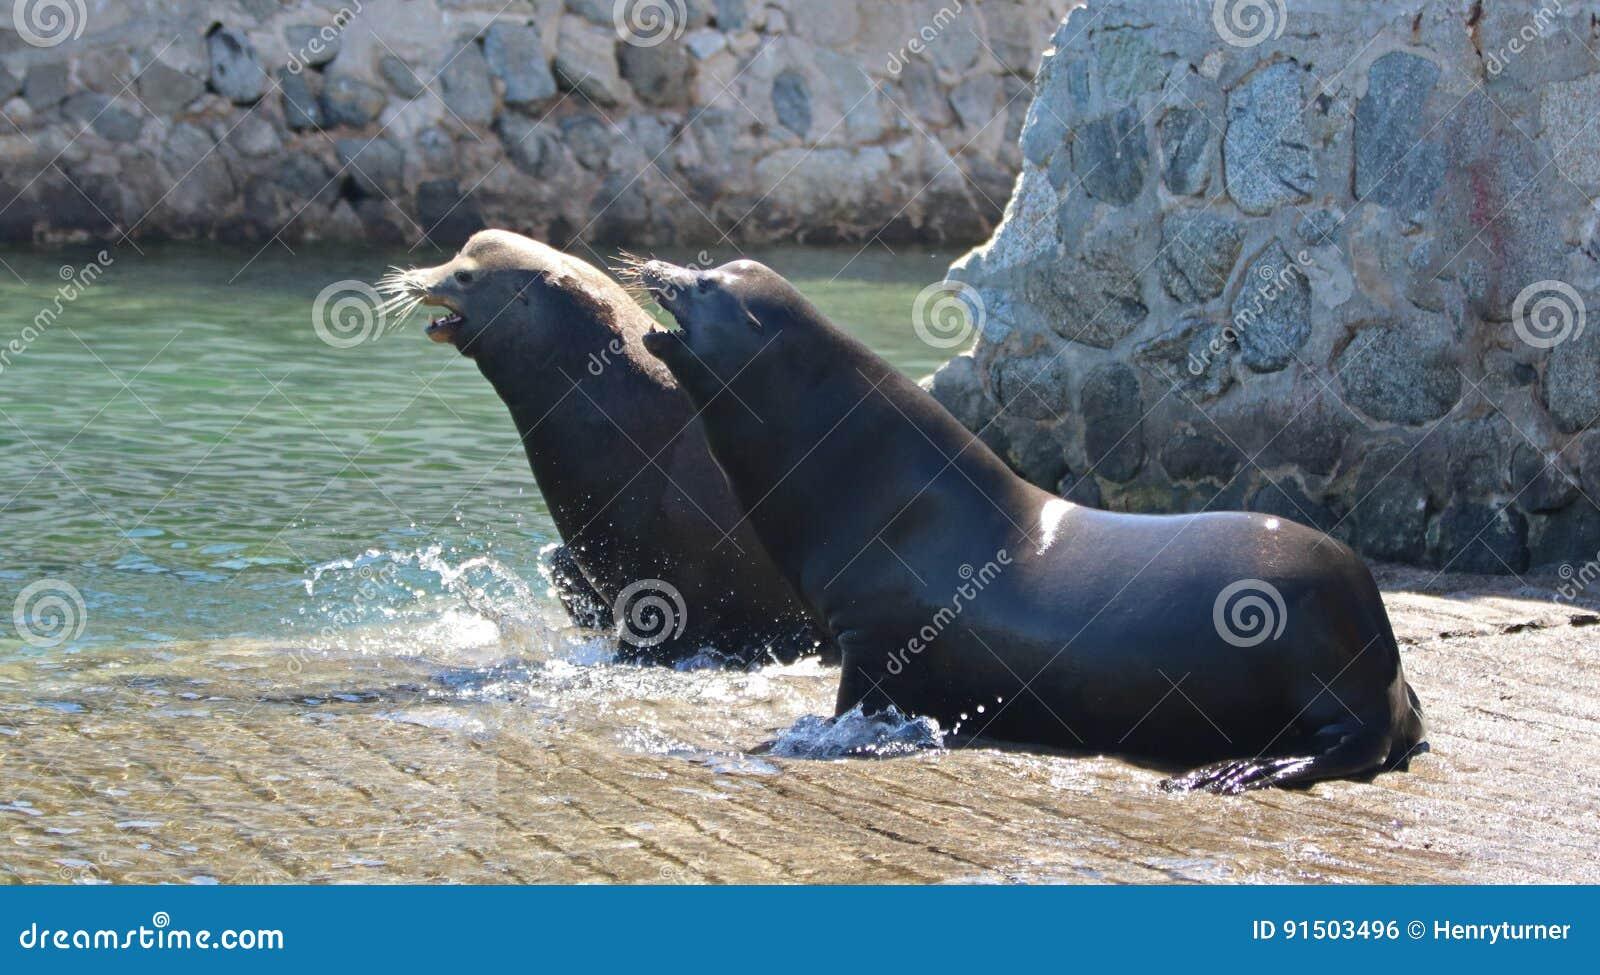 León marino masculino dominante de California que persigue lejos otro león marino después de luchar en el lanzamiento del barco d